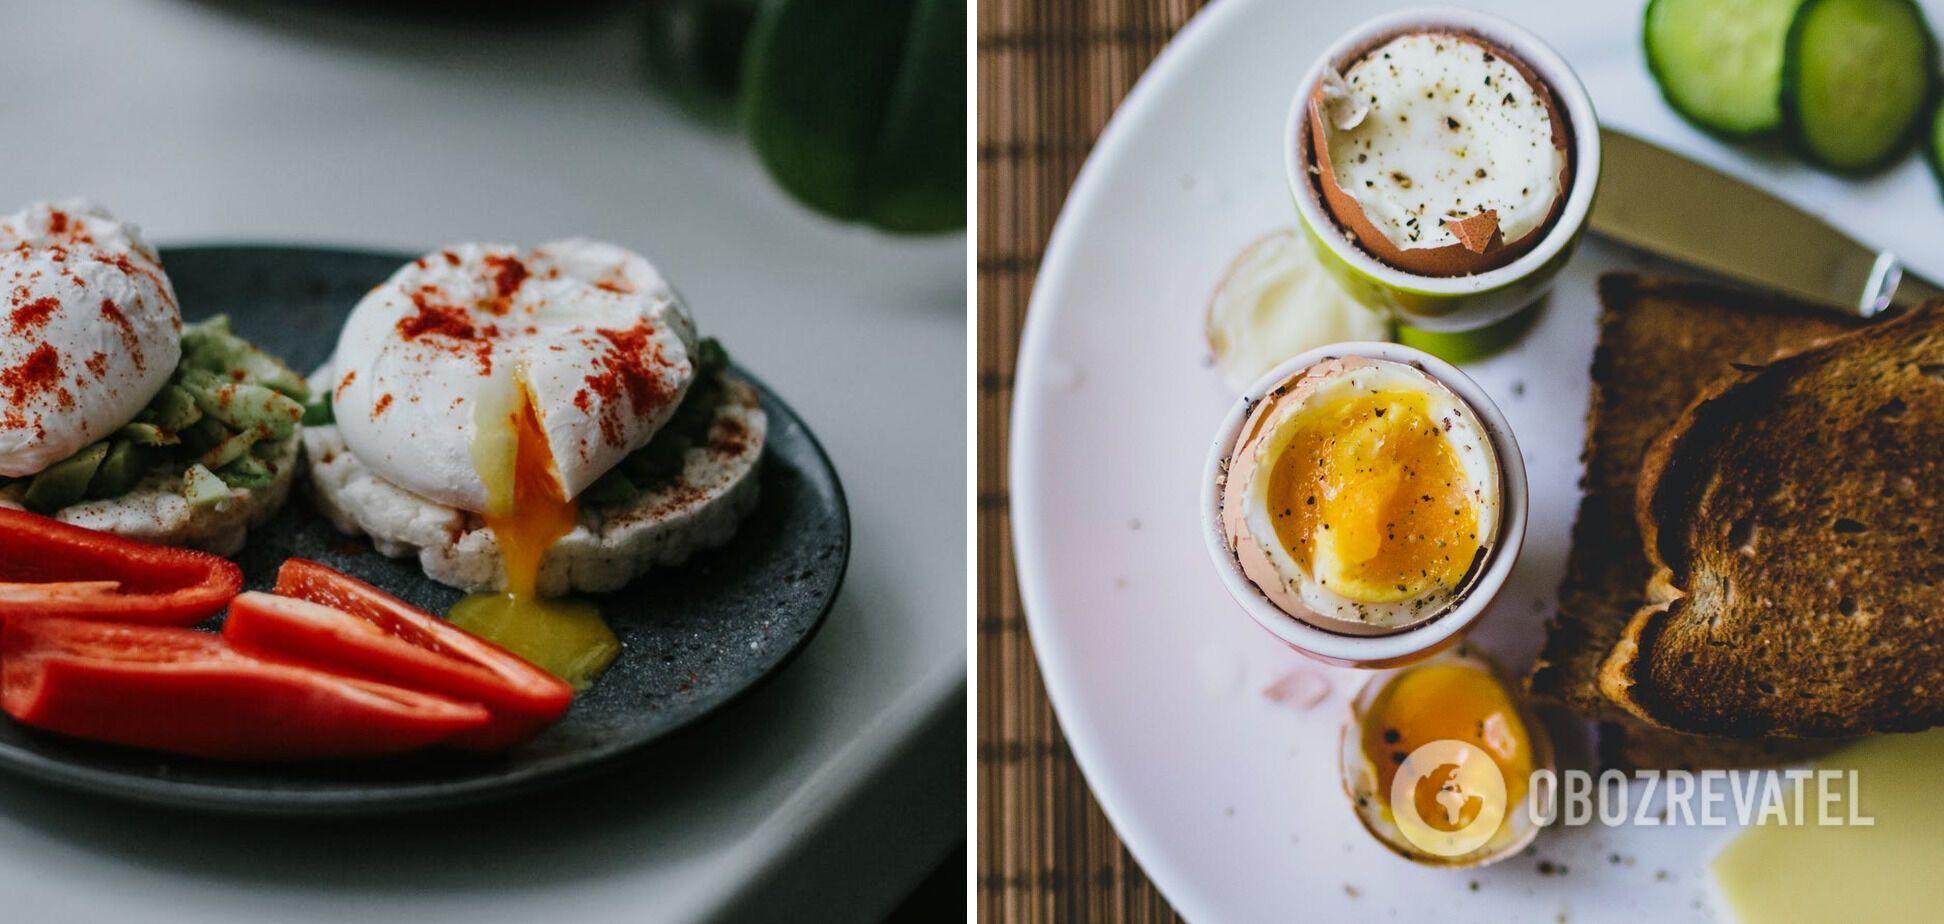 Яйце пашот без оцту та плівки